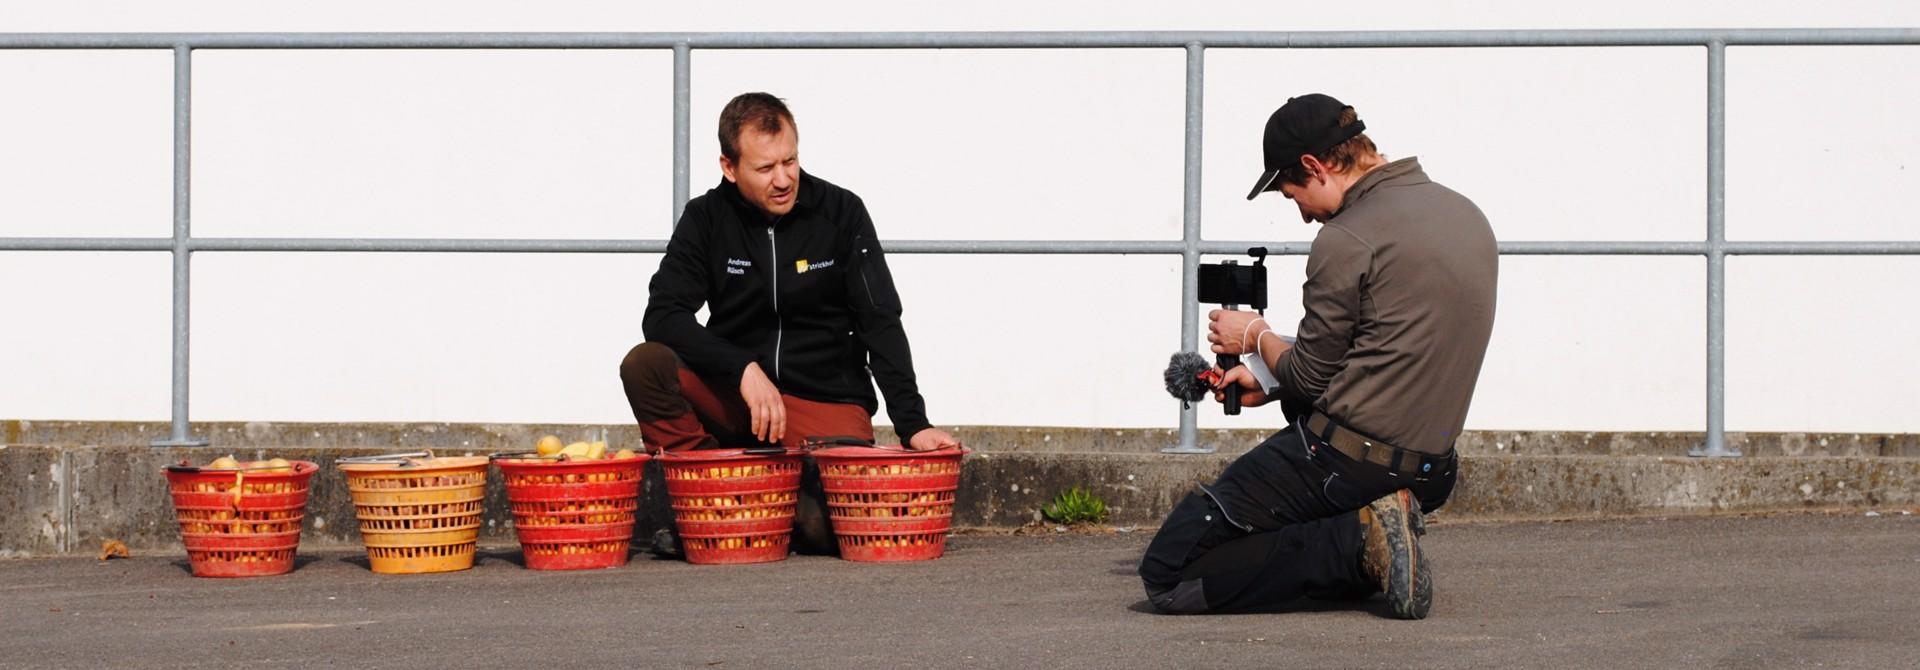 Andreas Ru00fcsch und Daniel Von Ballmoos beim Aufnehmen einer Videosequenz. Andreas Ru00fcsch versichert im Interview, dass trotz der Attraktivitu00e4t von Fachvideos Flurbegehungen weiterhin stattfinden werden, weil die Gespru00e4che mit und unter den Landwirten sehr wertvoll und durch nichts zu ersetzen seien.>